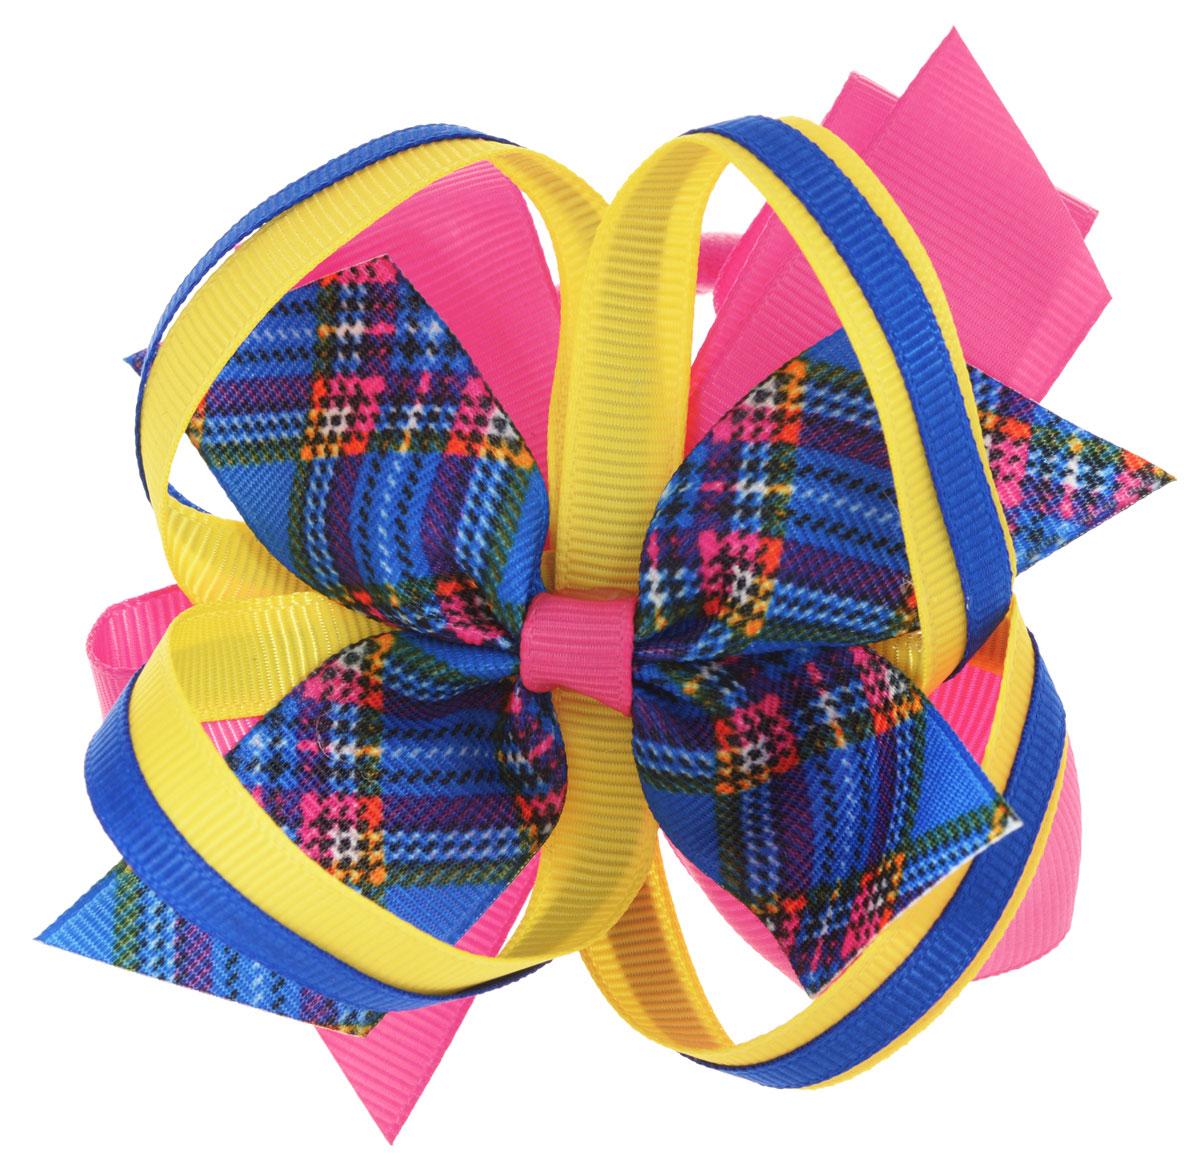 Baby's Joy Резинка для волос цвет малиновый синий желтый AL 969